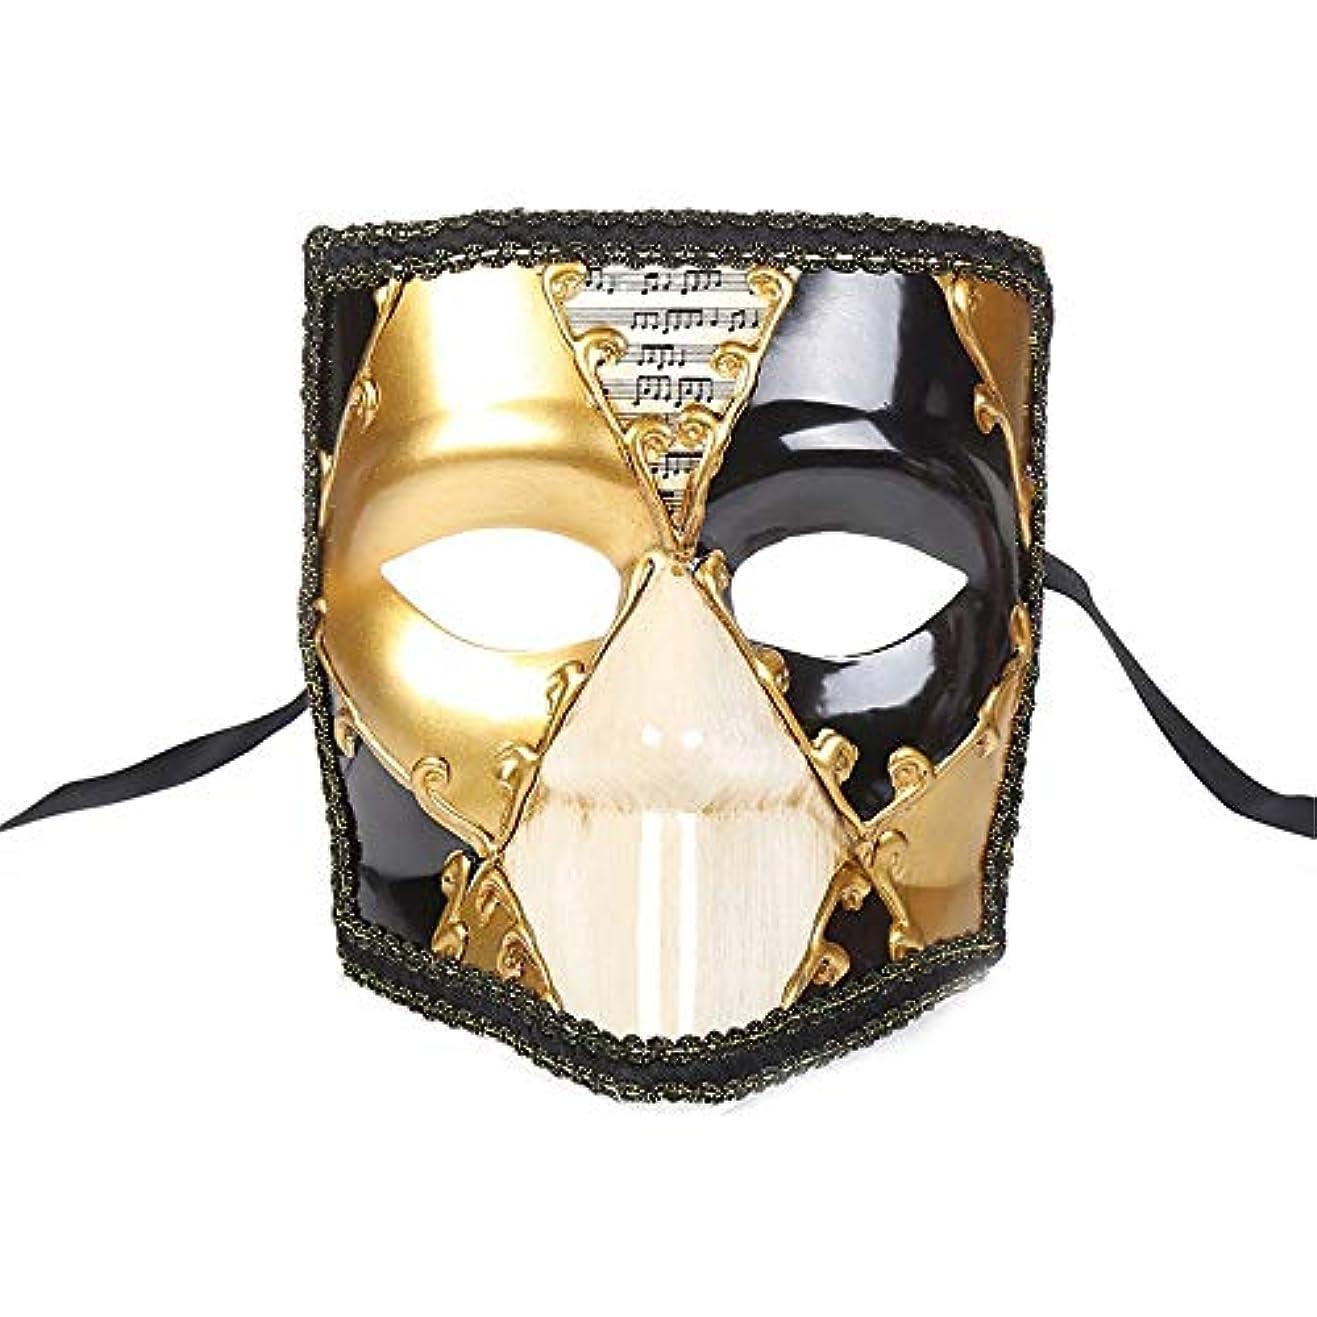 ワーム変化スローダンスマスク ピエロマスクヴィンテージマスカレードショーデコレーションコスプレナイトクラブプラスチック厚いマスク ホリデーパーティー用品 (色 : 黄, サイズ : 18x15cm)